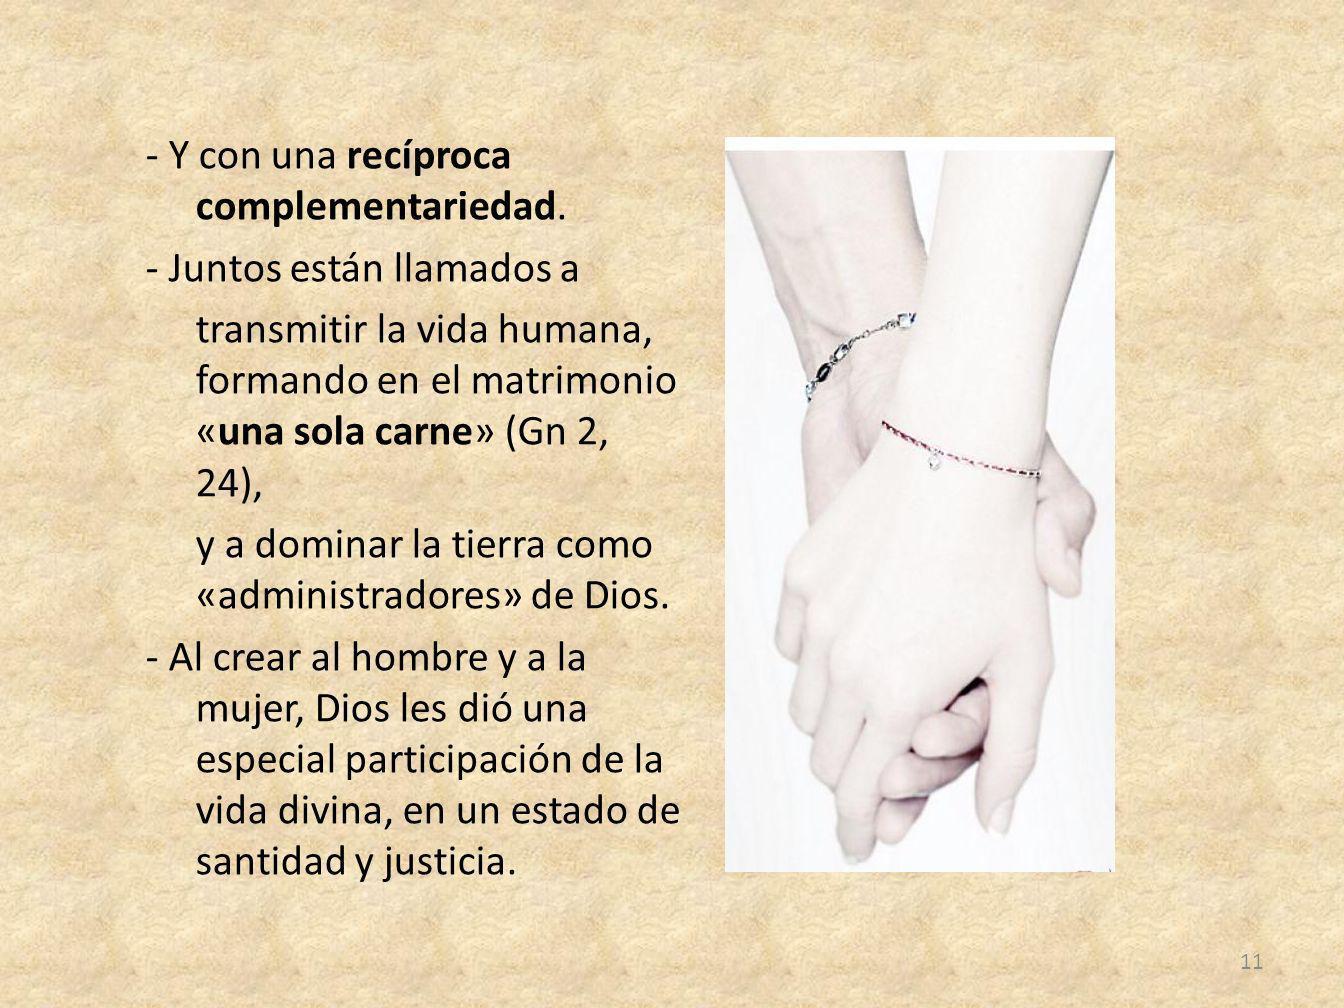 - Y con una recíproca complementariedad. - Juntos están llamados a transmitir la vida humana, formando en el matrimonio «una sola carne» (Gn 2, 24), y